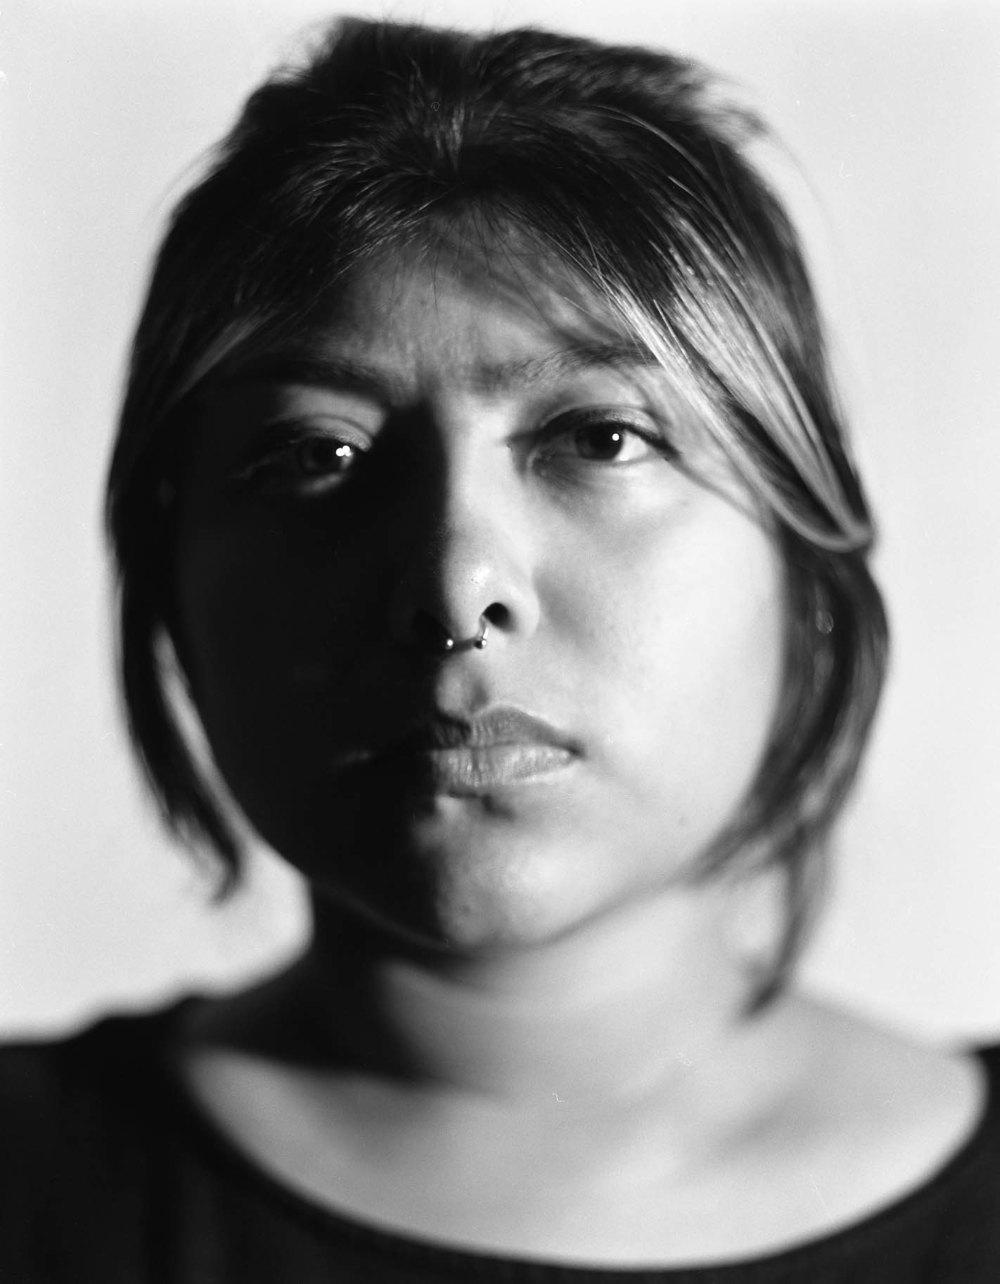 Erika, 2012